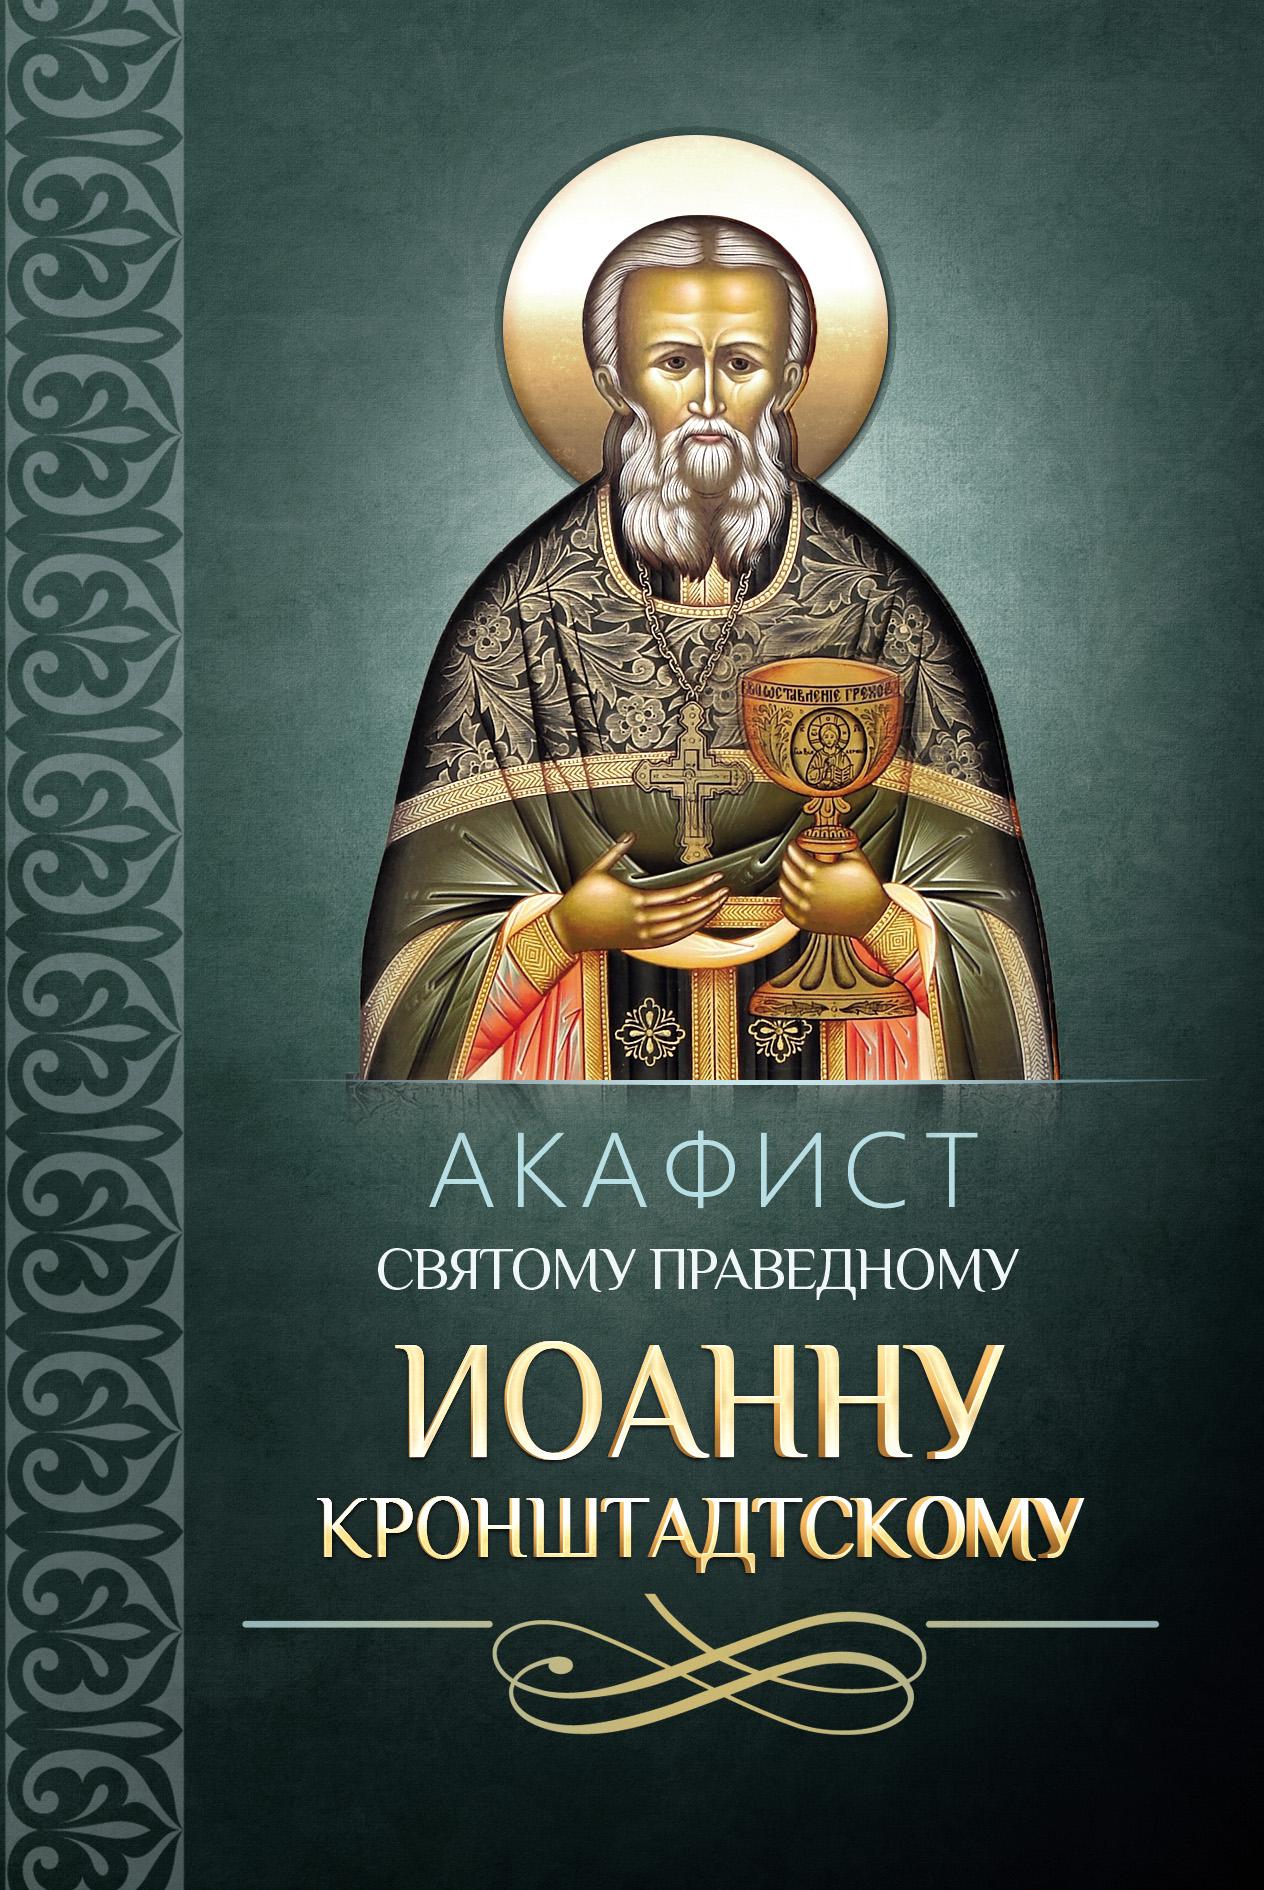 Сборник Акафист святому праведному Иоанну Кронштадтскому сборник житие и акафист святому апостолу и евангелисту иоанну богослову